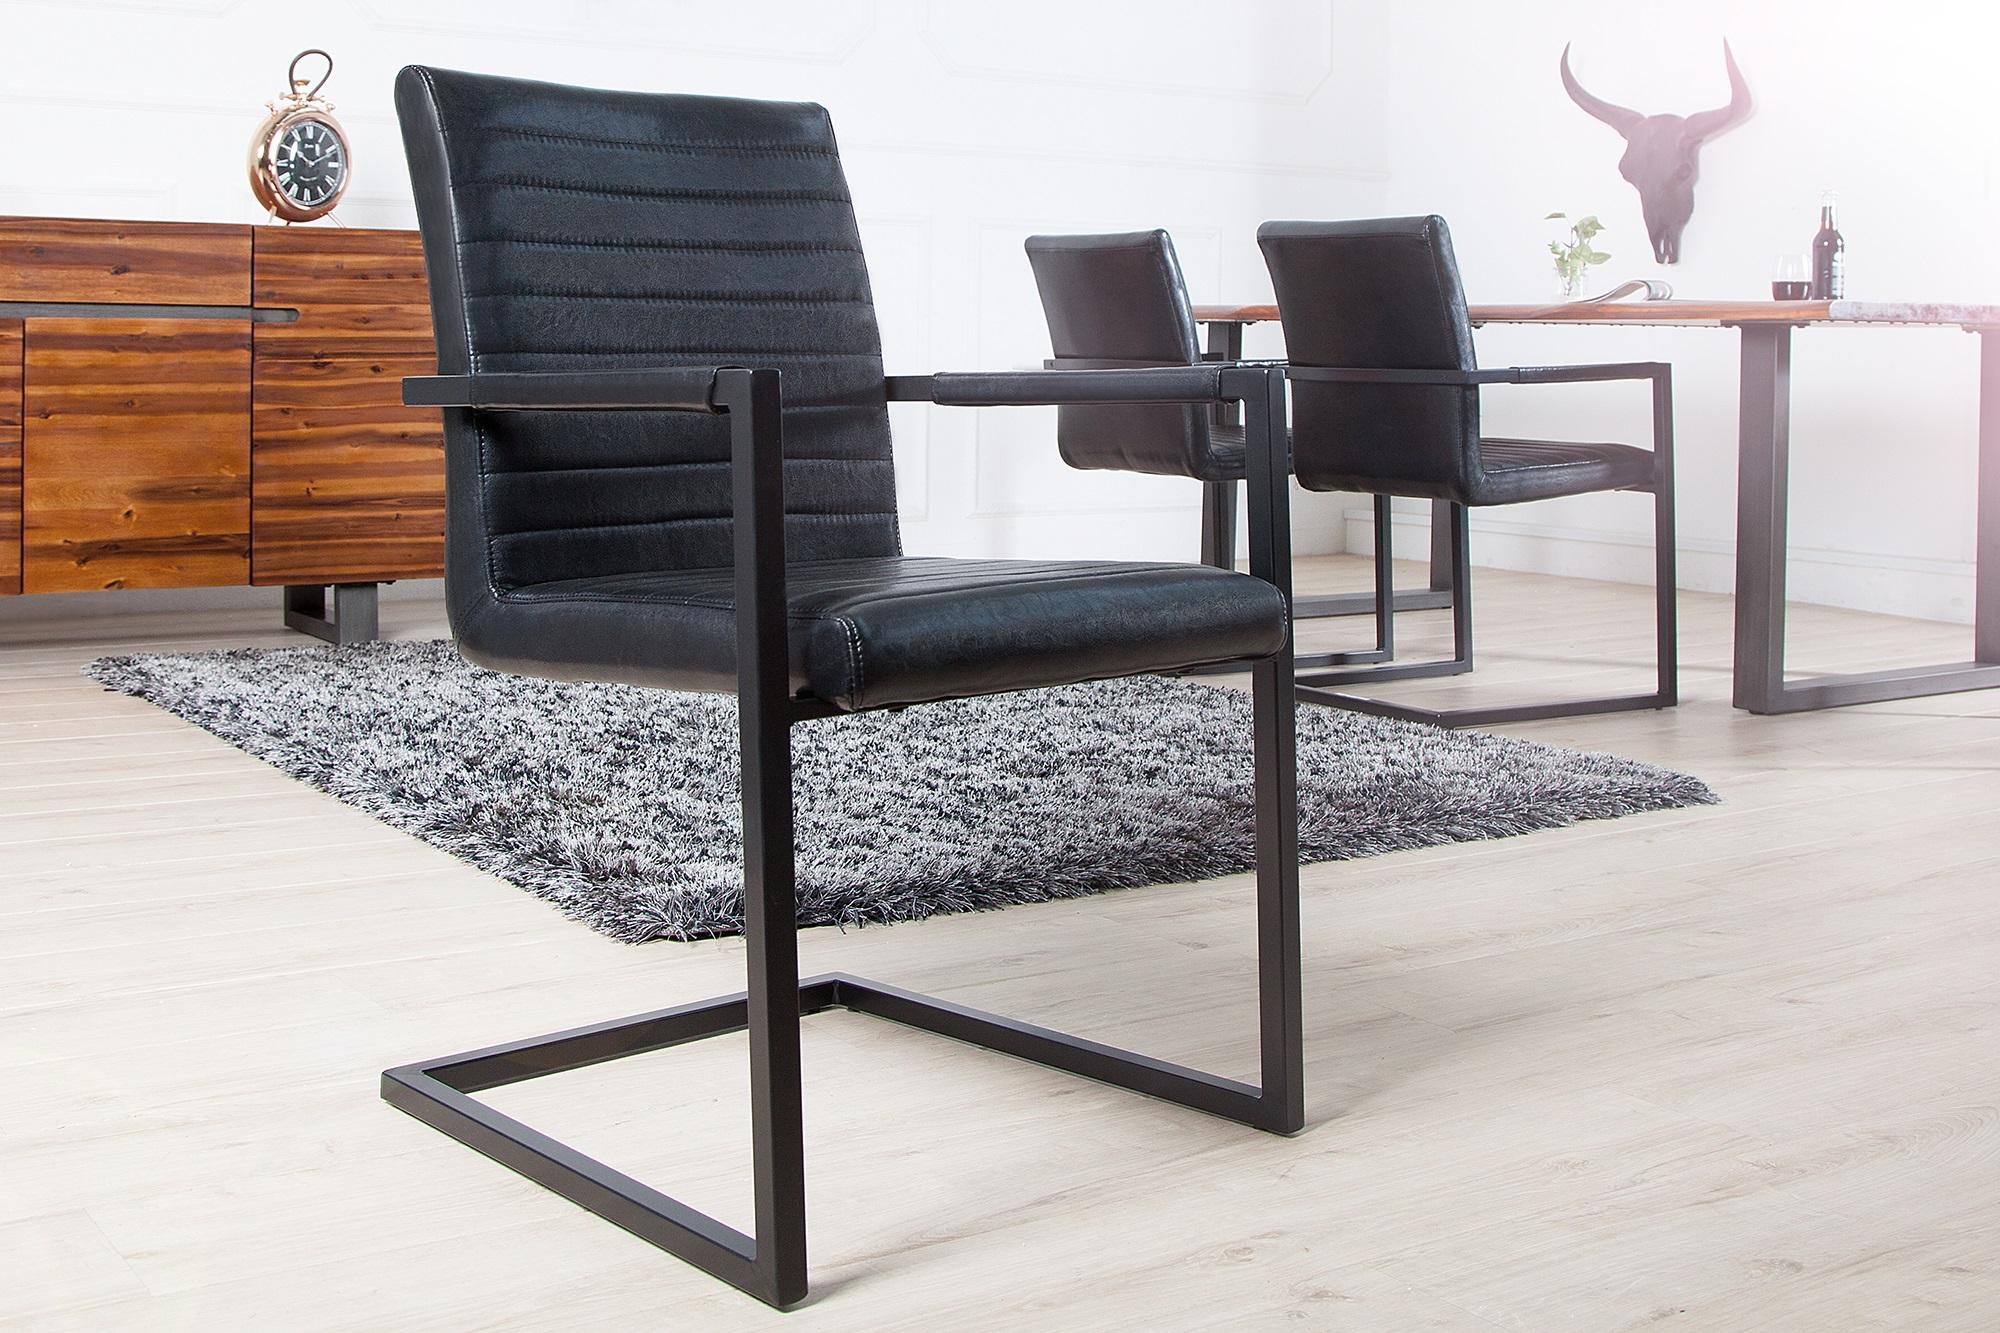 Moderne eetkamerstoel kopen aktie for Moderne stoelen outlet